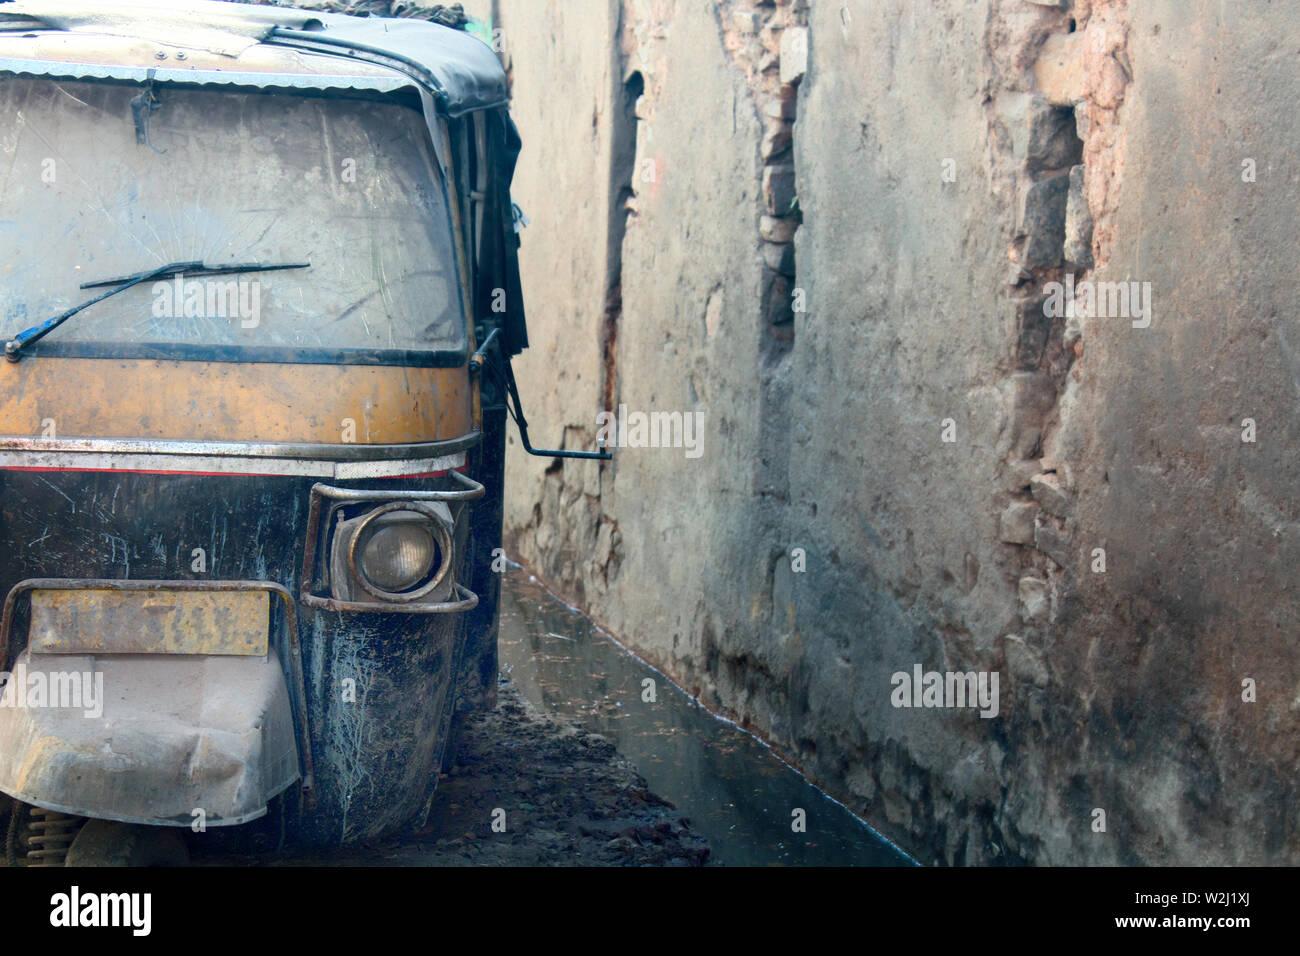 old abandoned ricksha taxi tuk tuk. used non-working vehicles. - Stock Image